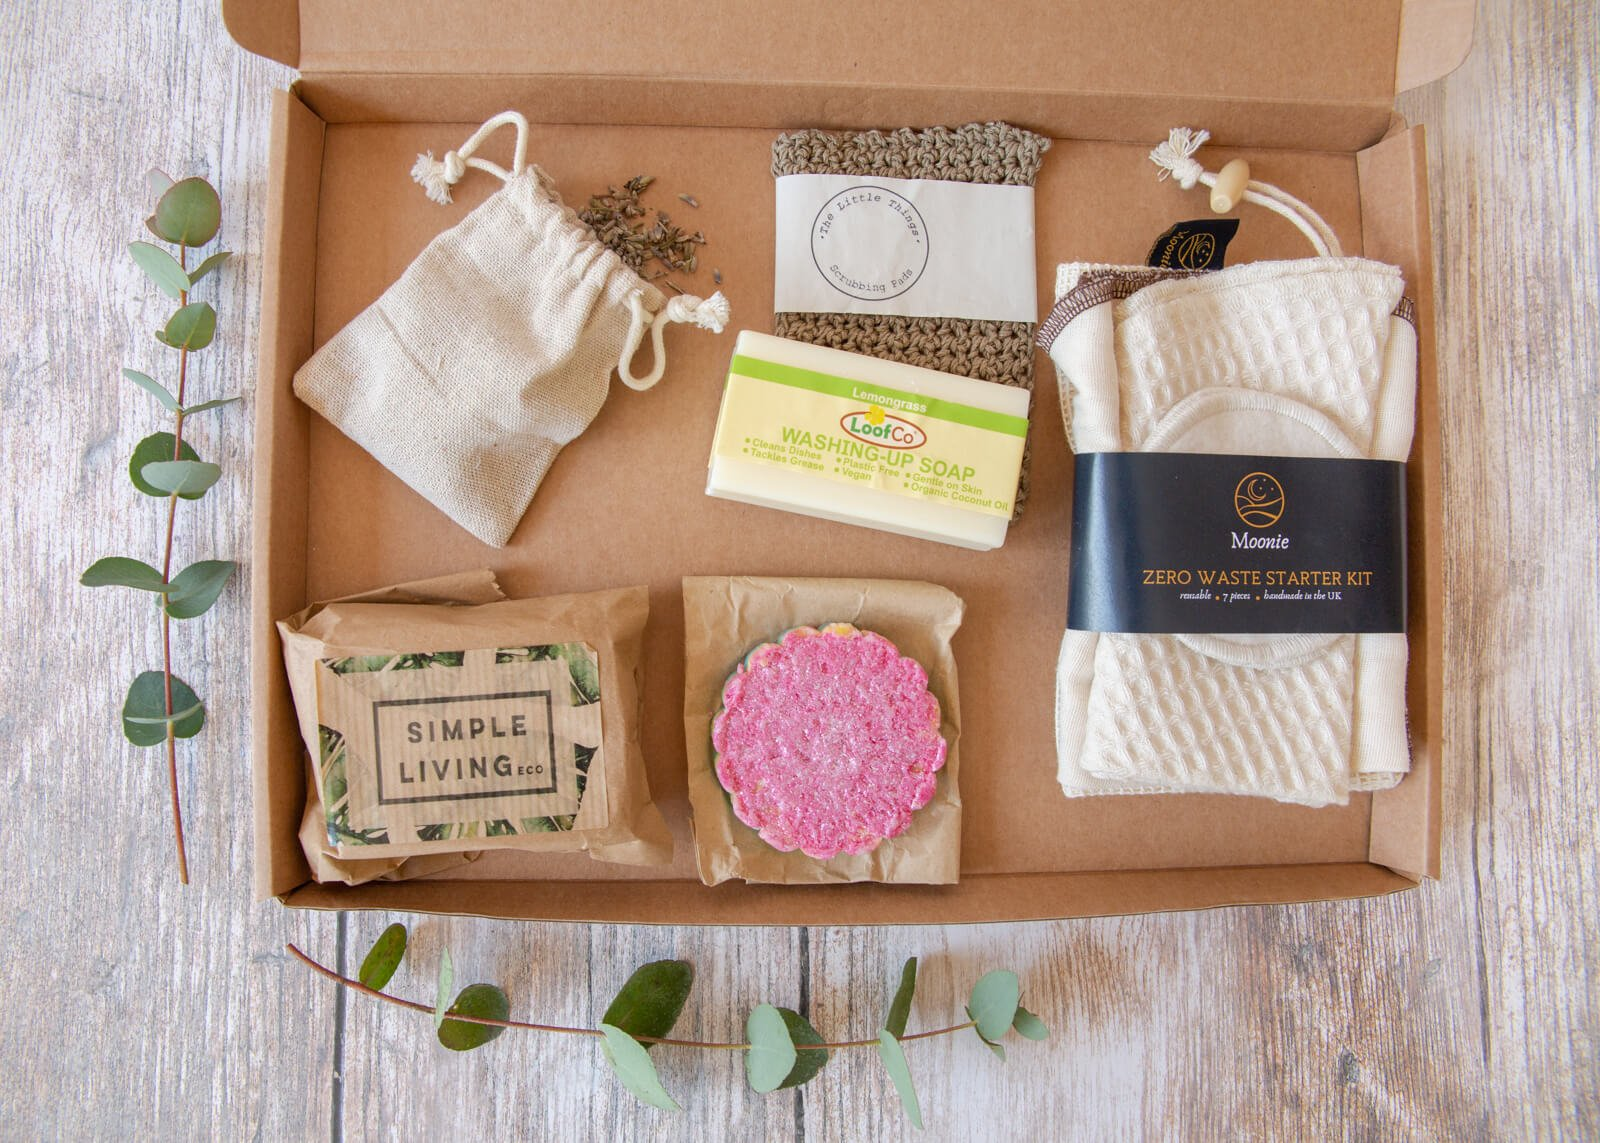 Between Green Eco Subscription Box Kind Shop 3